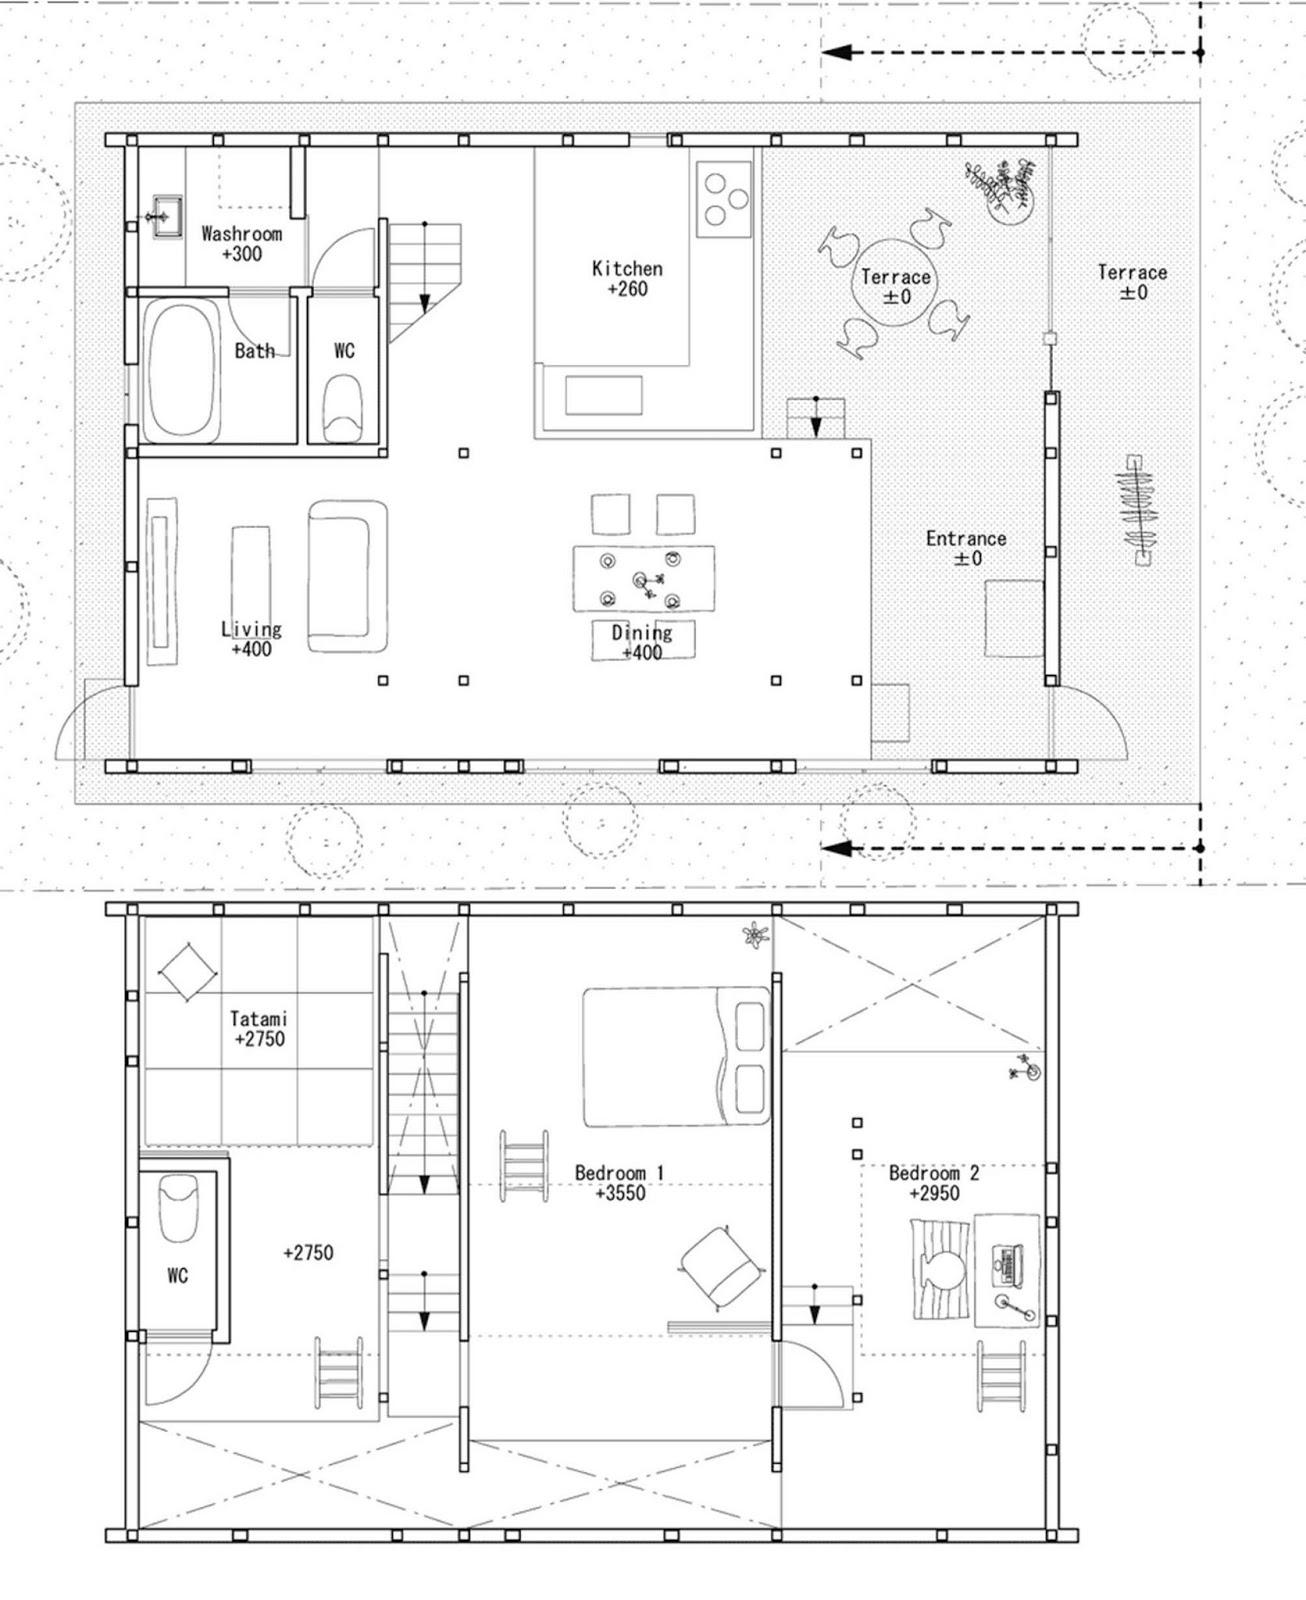 Hiroyuki Shinozaki House H pilastri a forma Y dividono